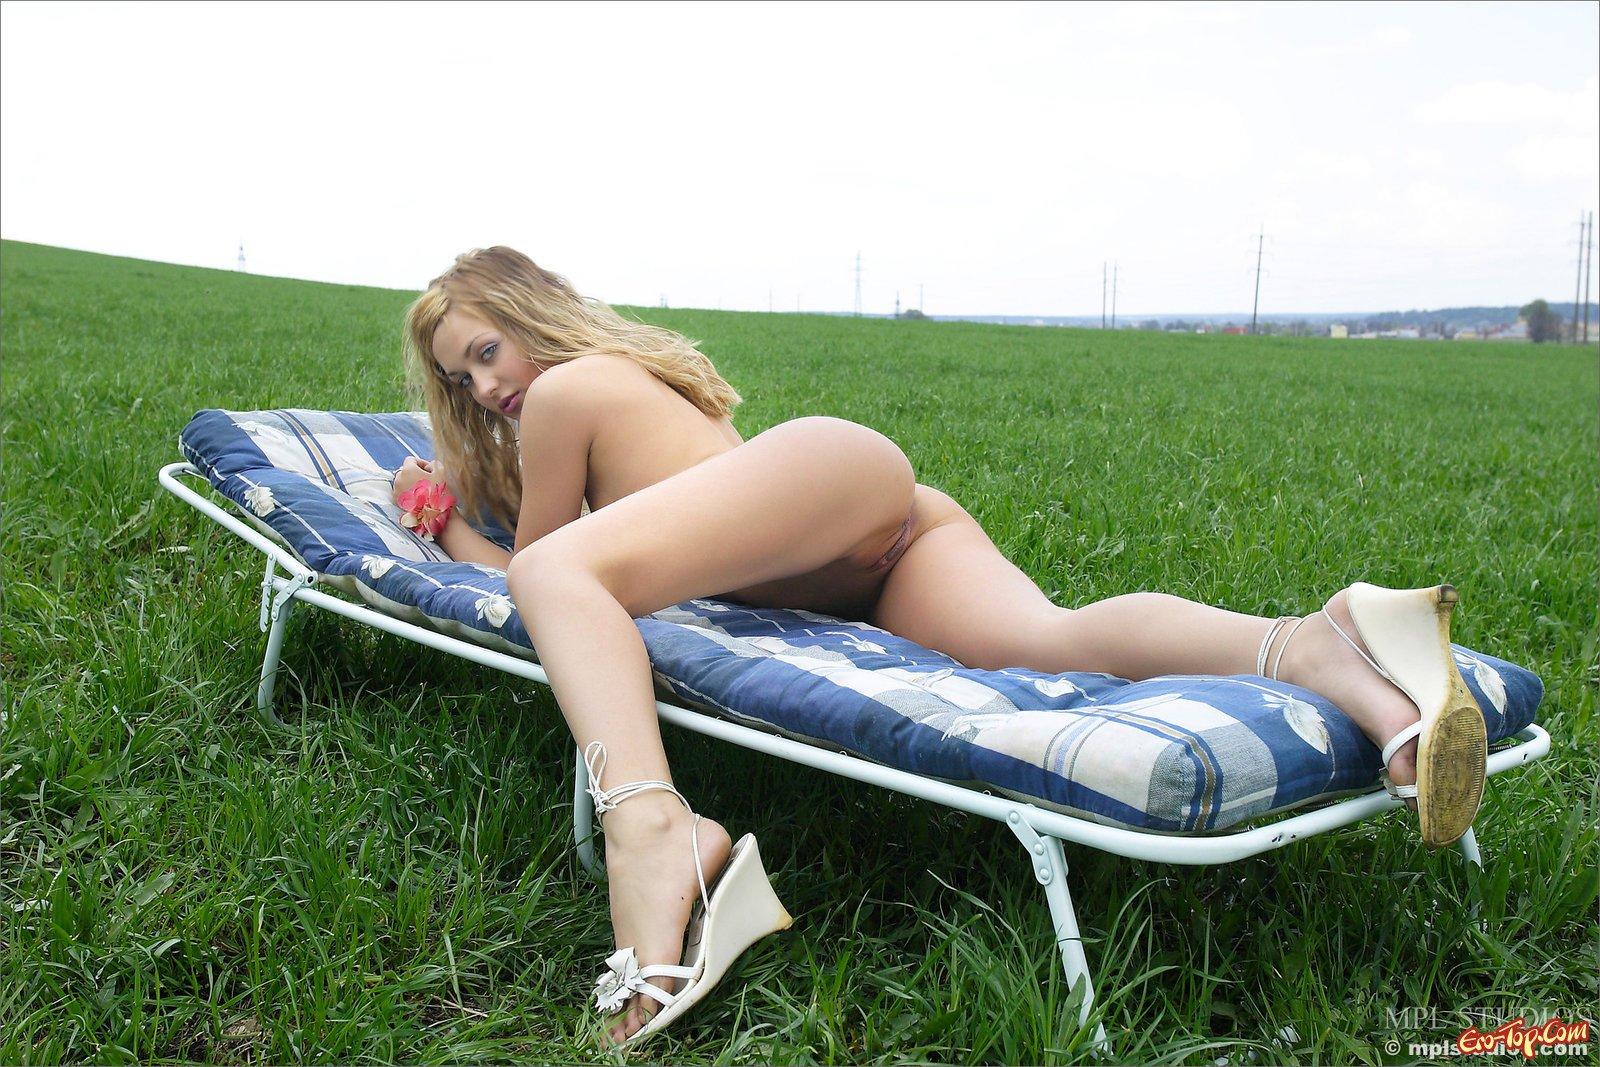 Деваха оголилась до гола на раскладушке в поле